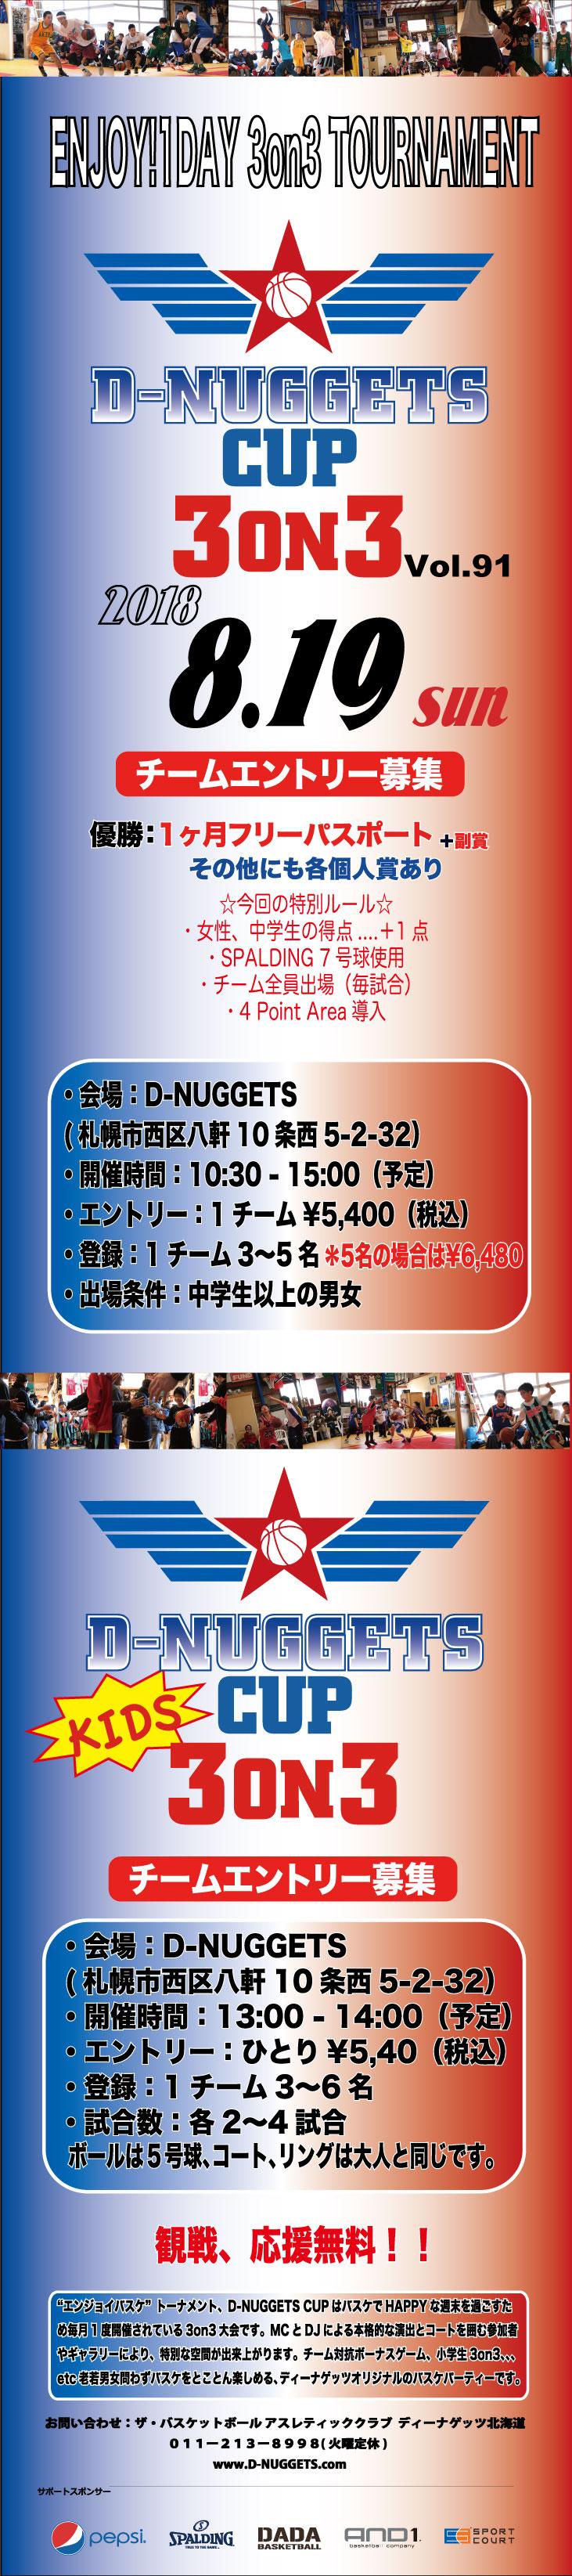 ディーナゲッツ北海道「8月の3on3大会の告知」